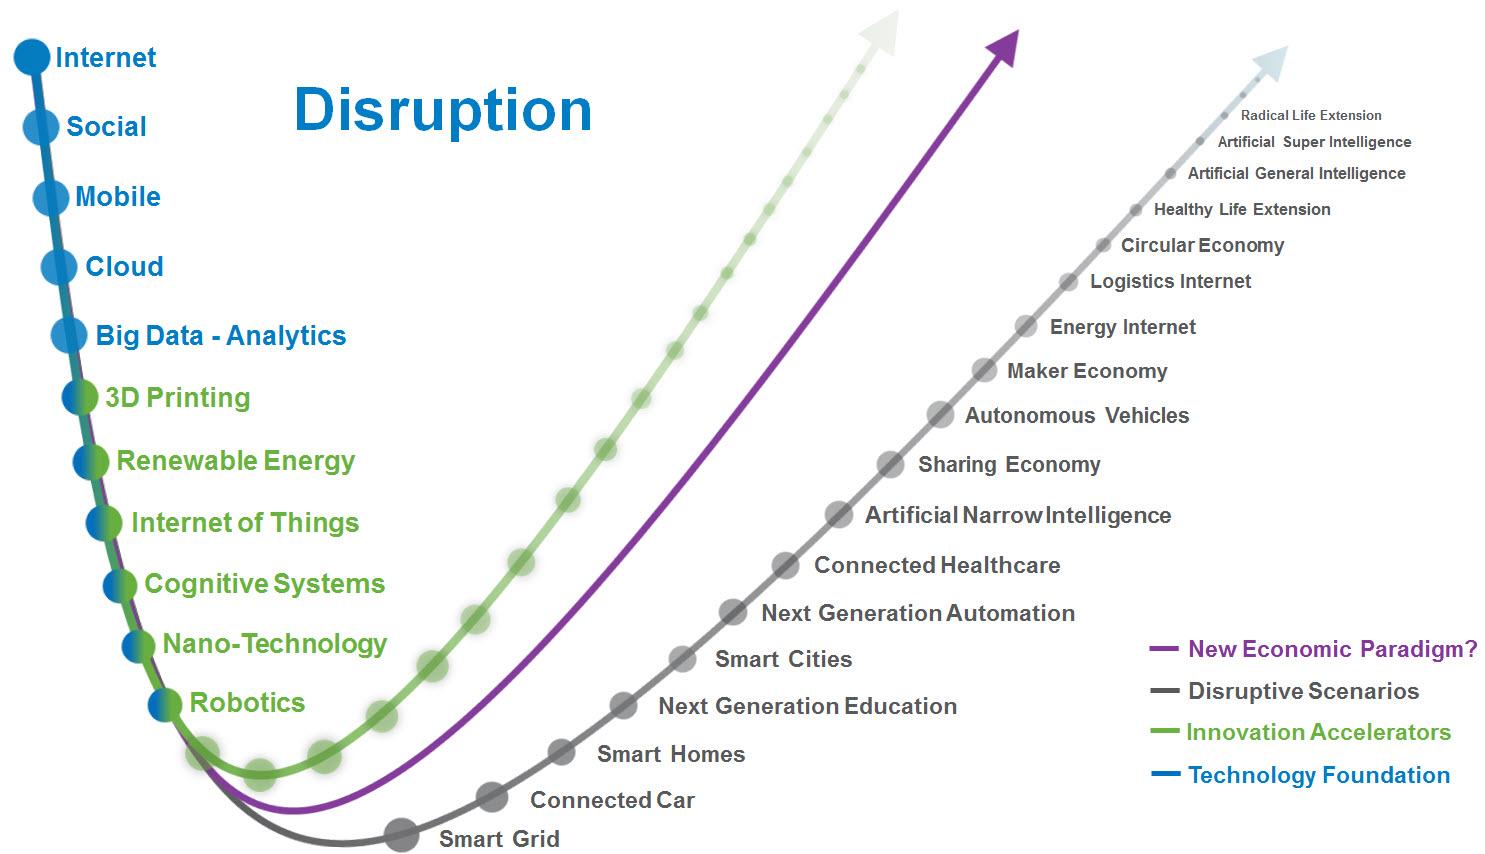 disruptive | valuetrendradar